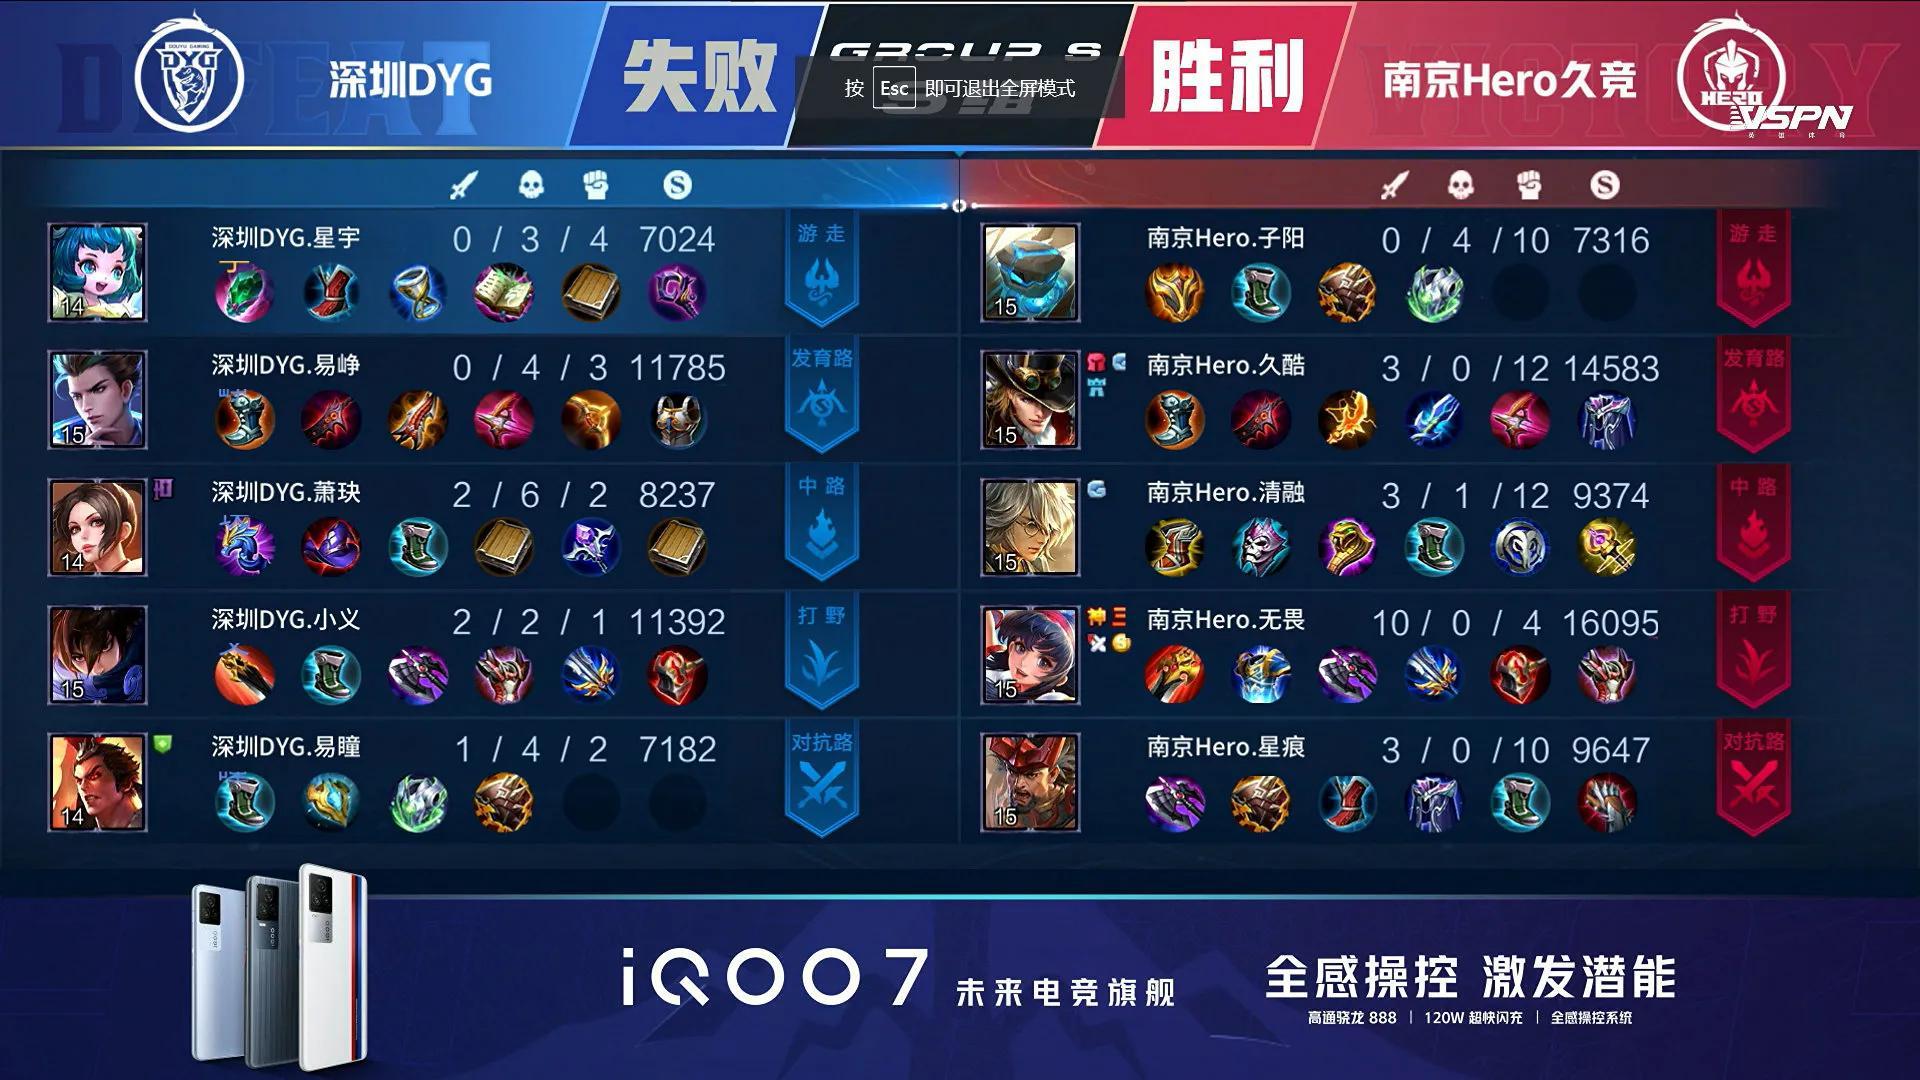 #2021春季赛#常规赛第一轮南京Hero久竞:深圳DYG